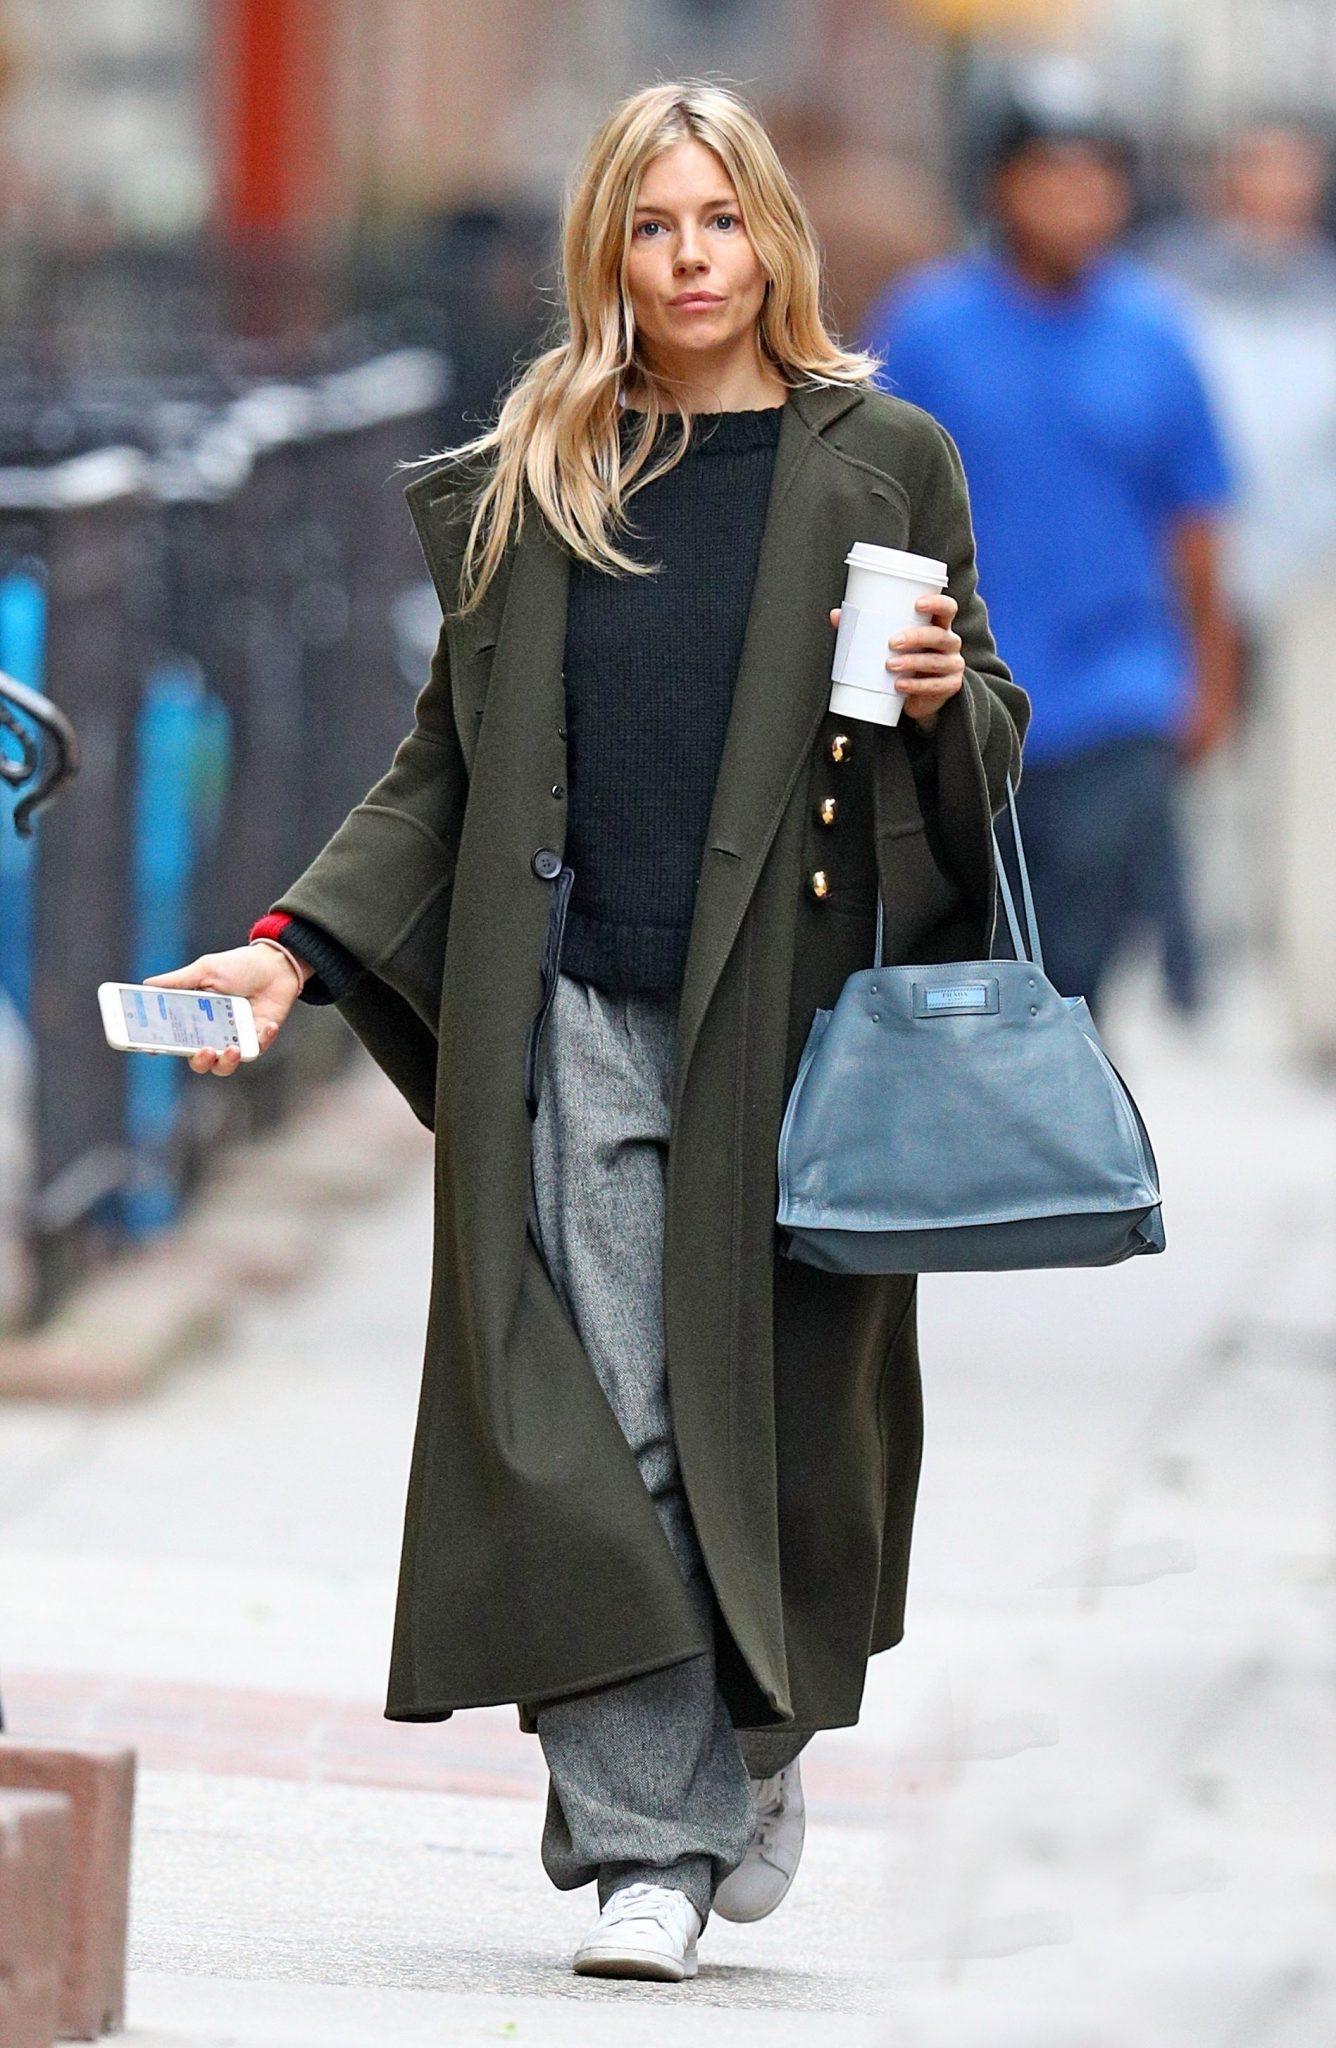 """Una sempre elegante Sienna Miller, passeggia per New York con un outfit casual impreziosito da una cerulea Prada"""" Etiquette"""". Da notarela versione in pelle dell'etichetta sulla borsa, finora riservata solamente ai capi dall'abbigliamento."""